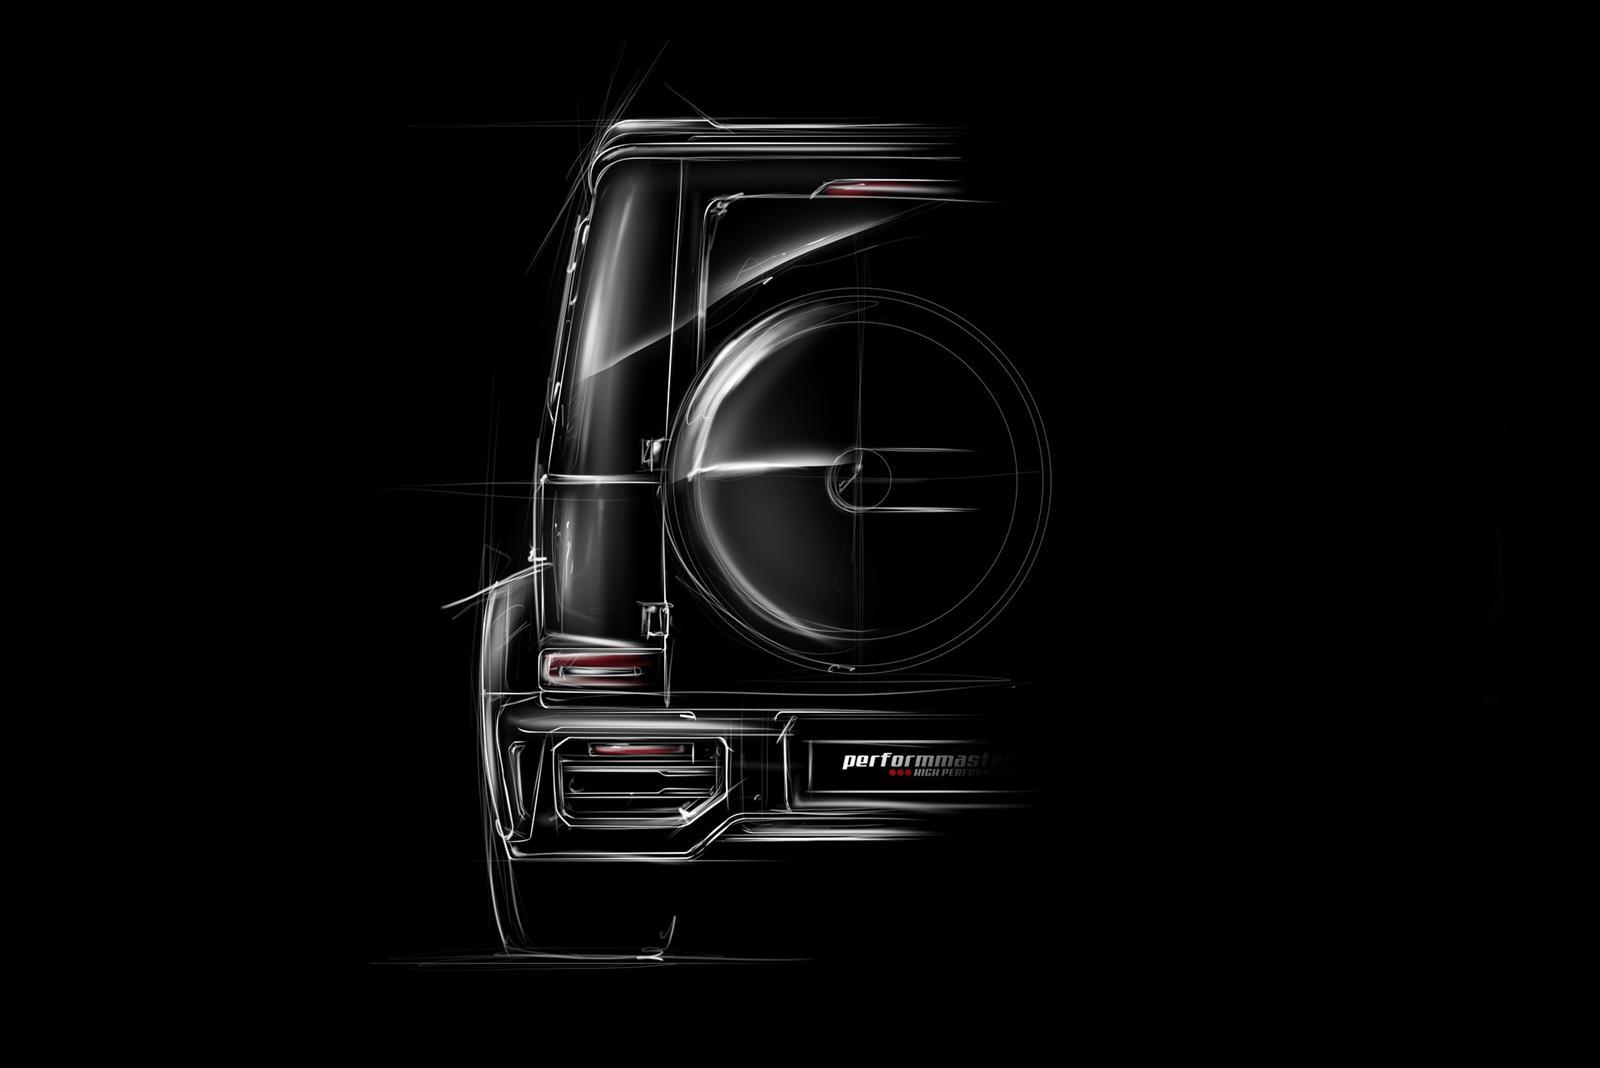 Для покупателей, которые хотят похвастаться большим потенциалом производительности своего G63, Performmaster также предлагает свой собственный комплект расширения кузова.